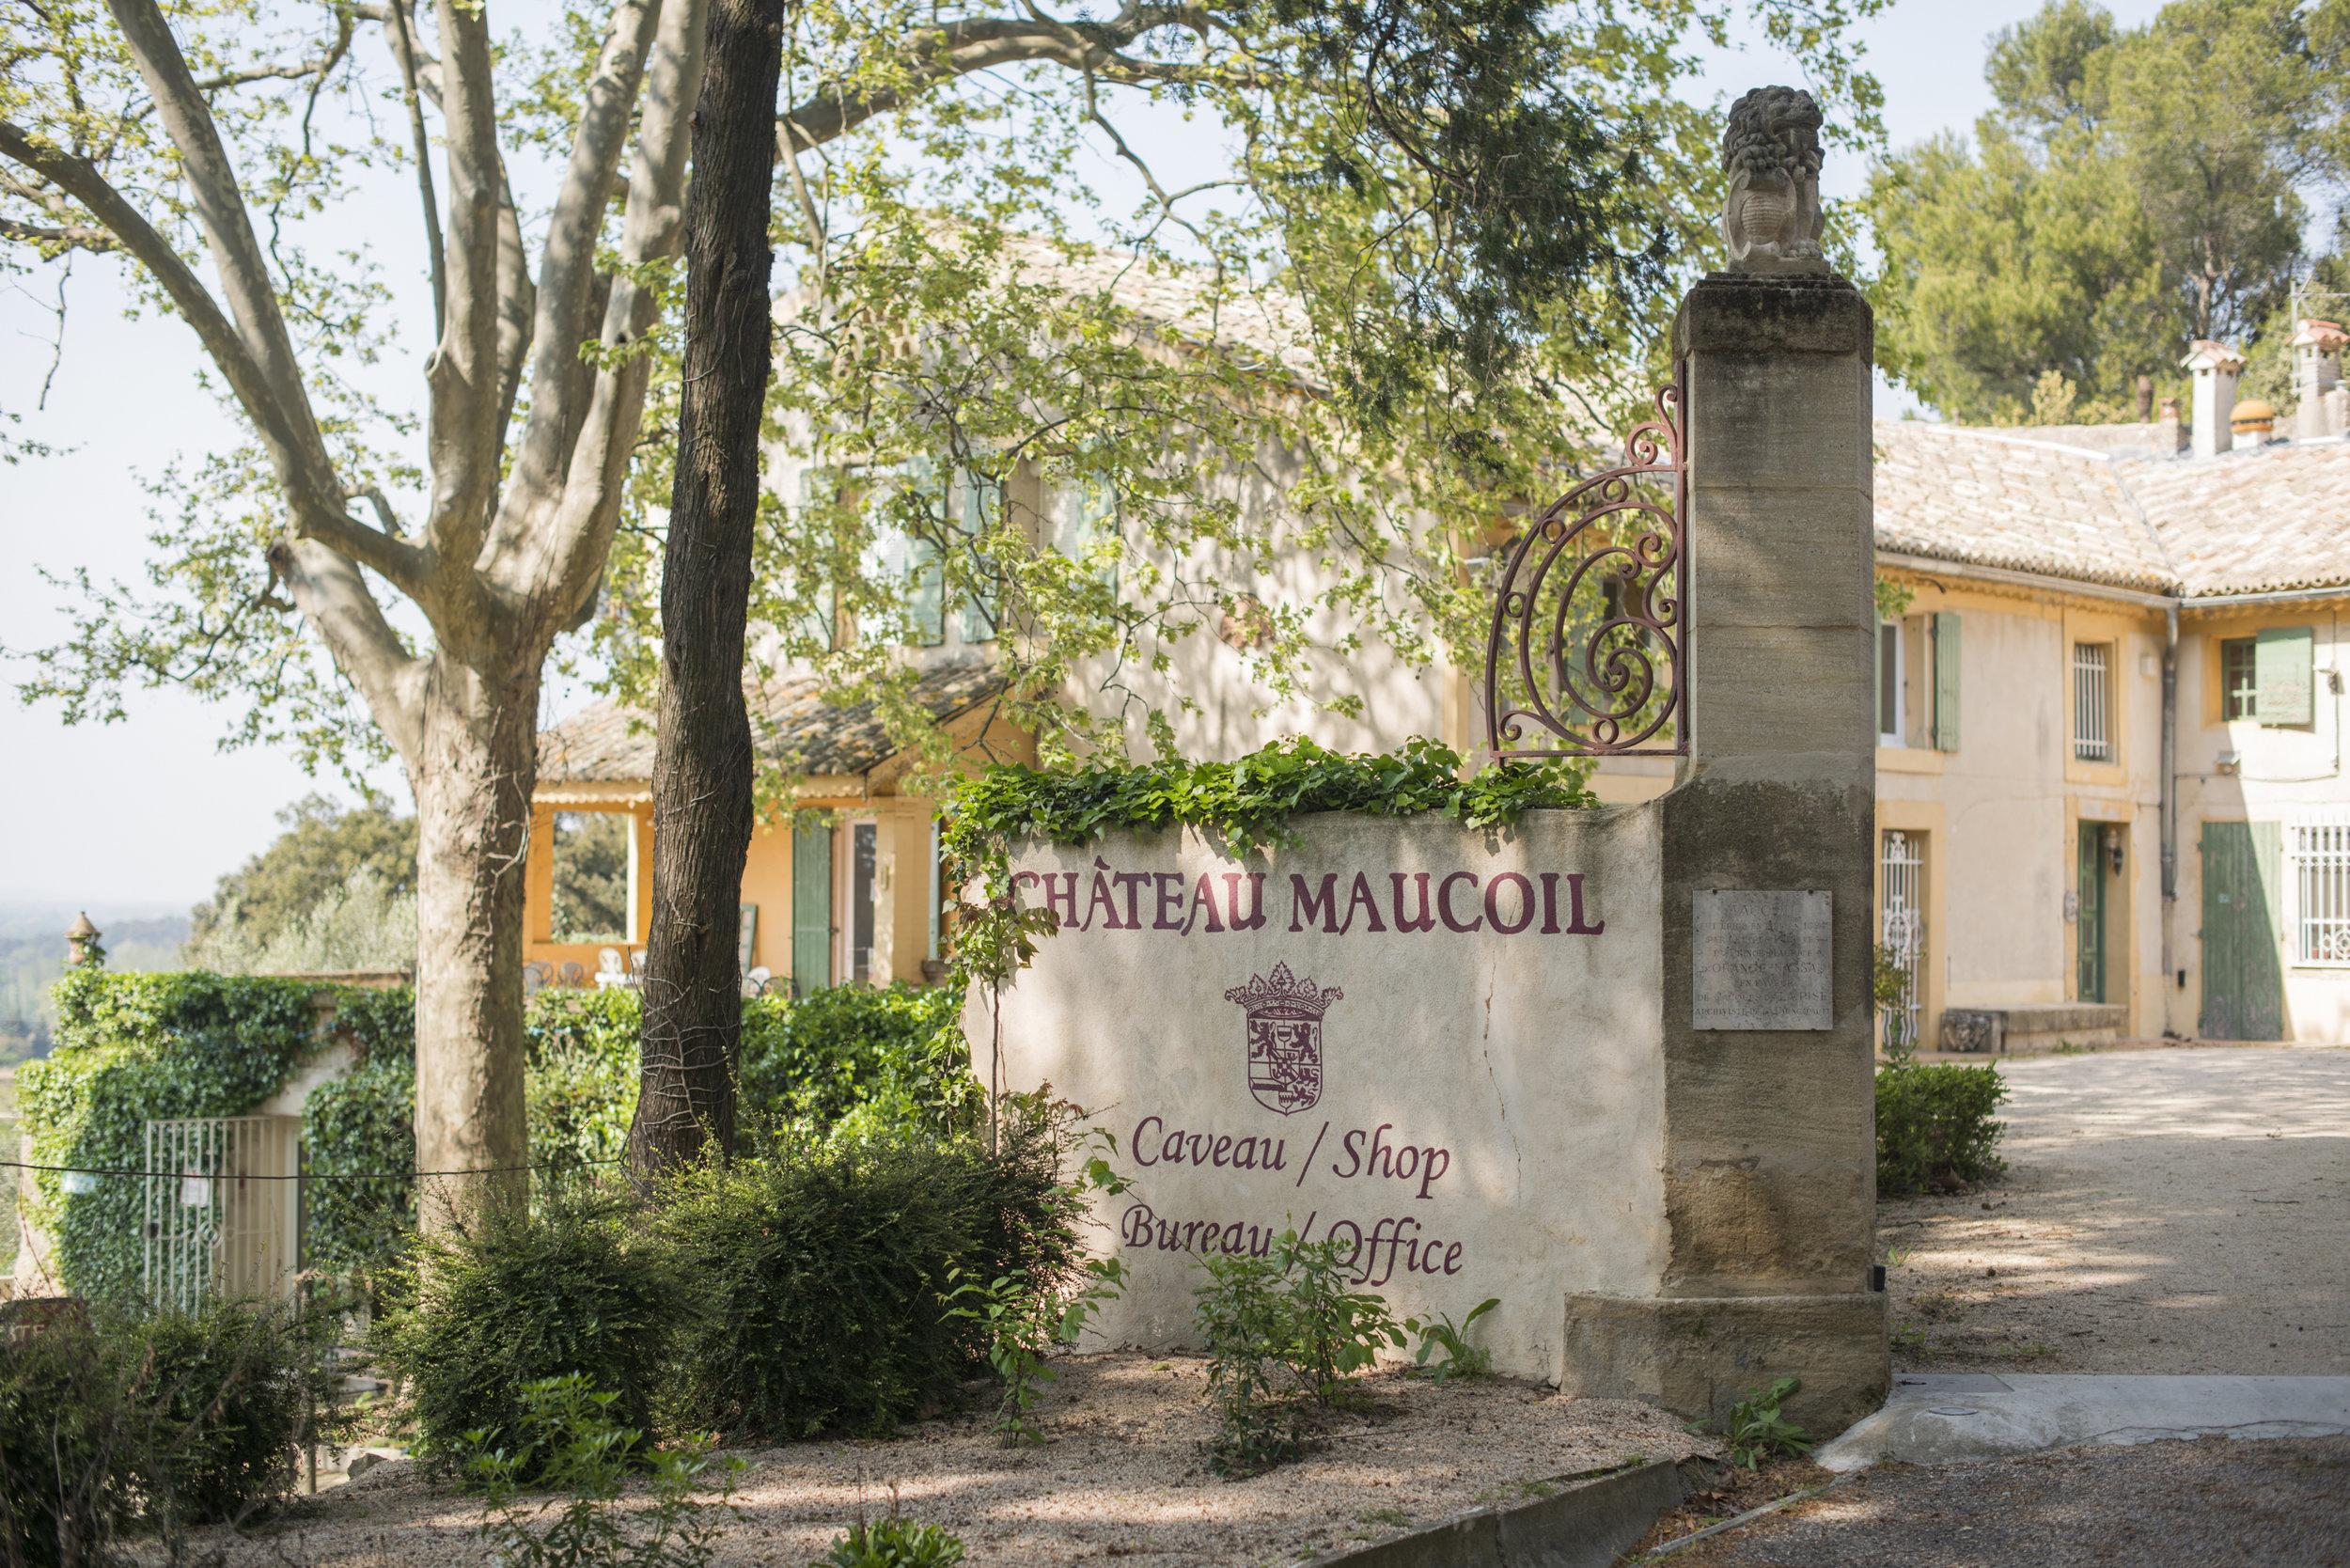 Chateau Maucoil